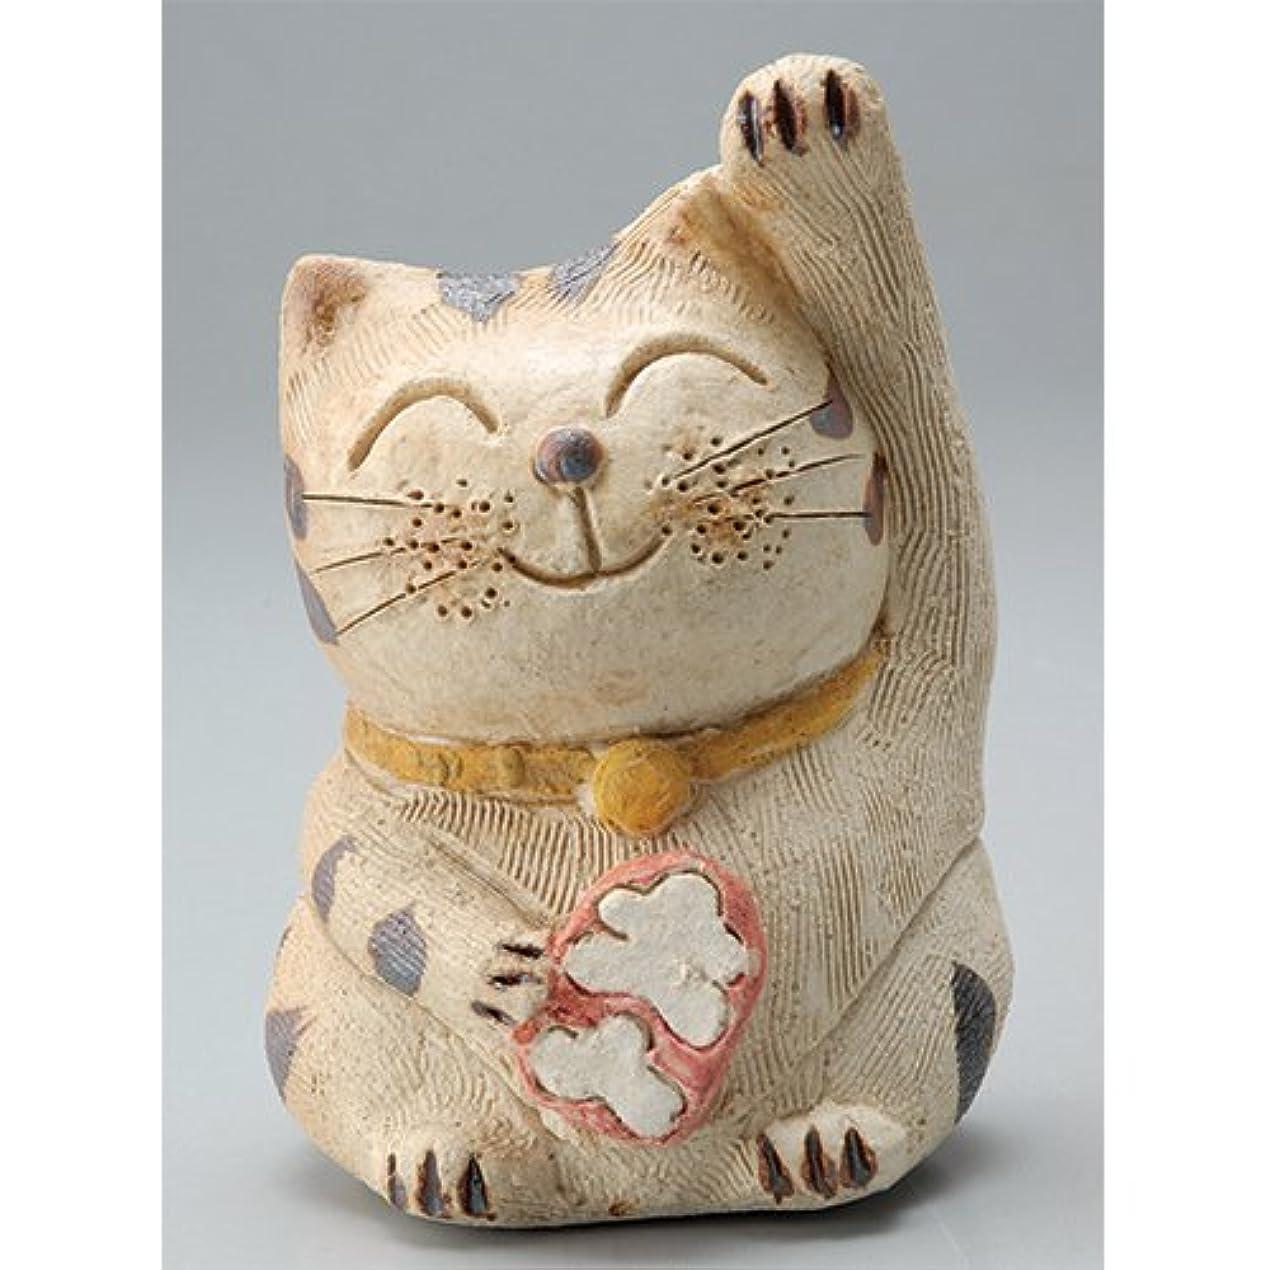 マインドフル主張バリー香炉 微笑み招き猫(人招き)香炉(中) [H14cm] HANDMADE プレゼント ギフト 和食器 かわいい インテリア